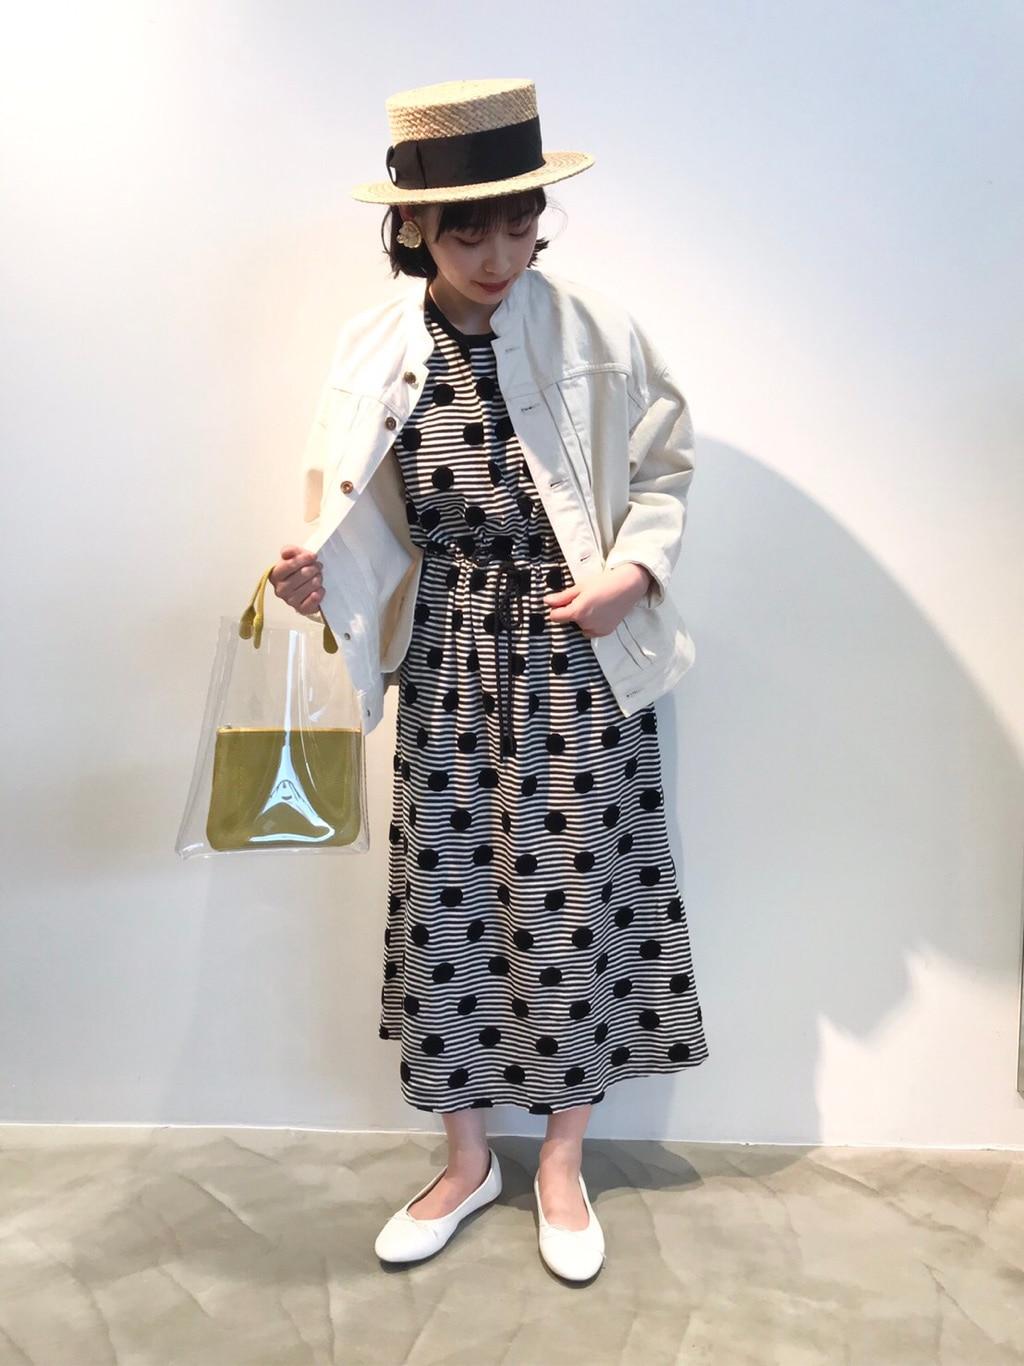 yuni / bulle de savon ラフォーレ原宿 身長:157cm 2020.04.17